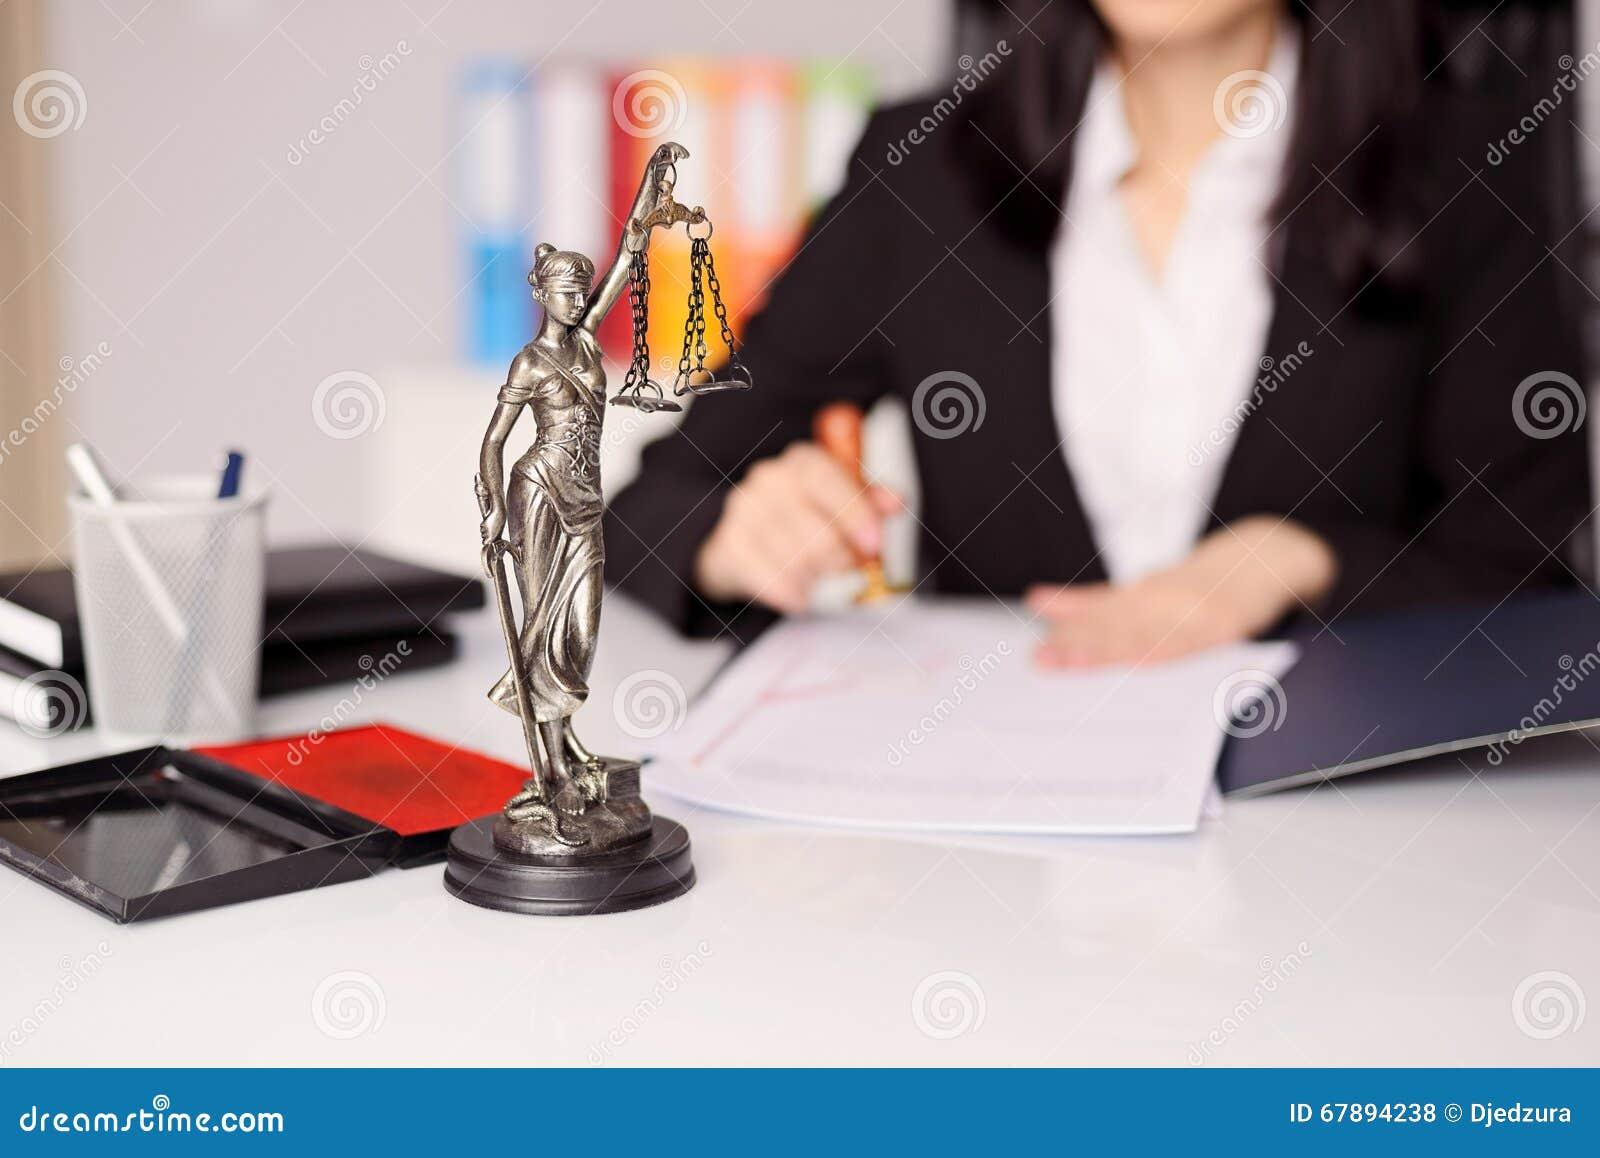 Beeldje van Themis - de godin van rechtvaardigheid op het bureau van de advocaat